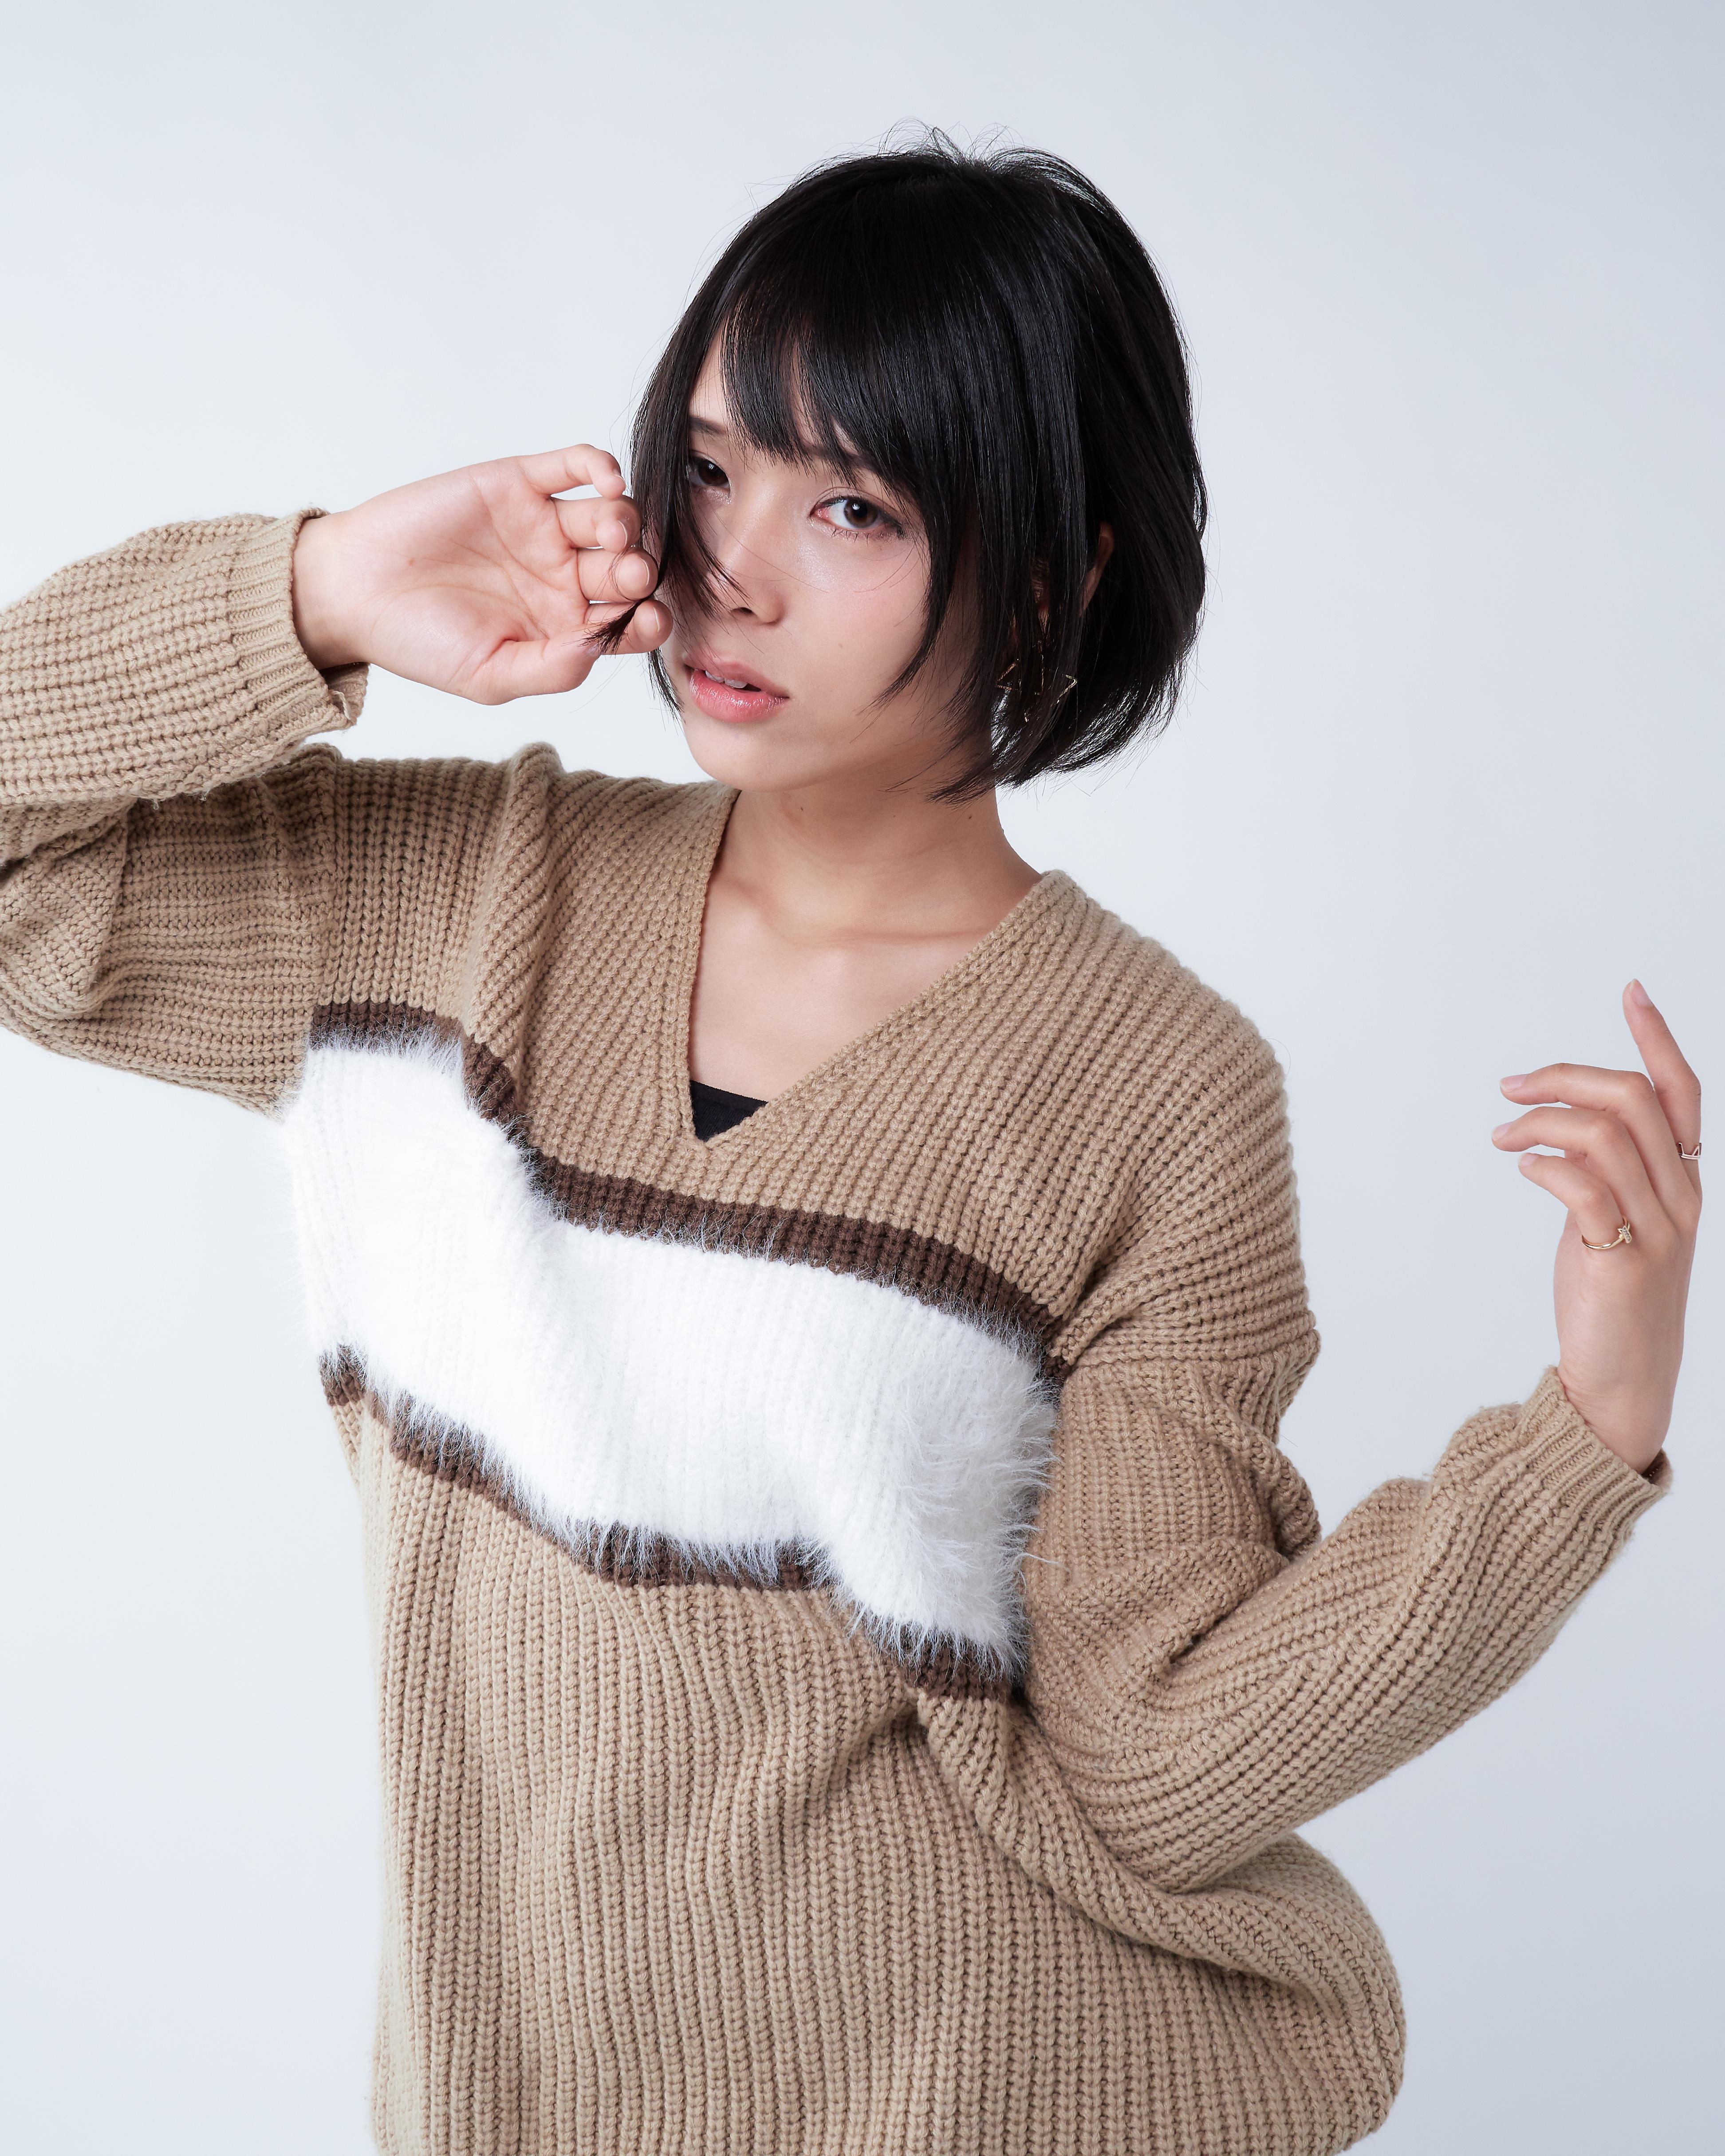 Model: miyu 01